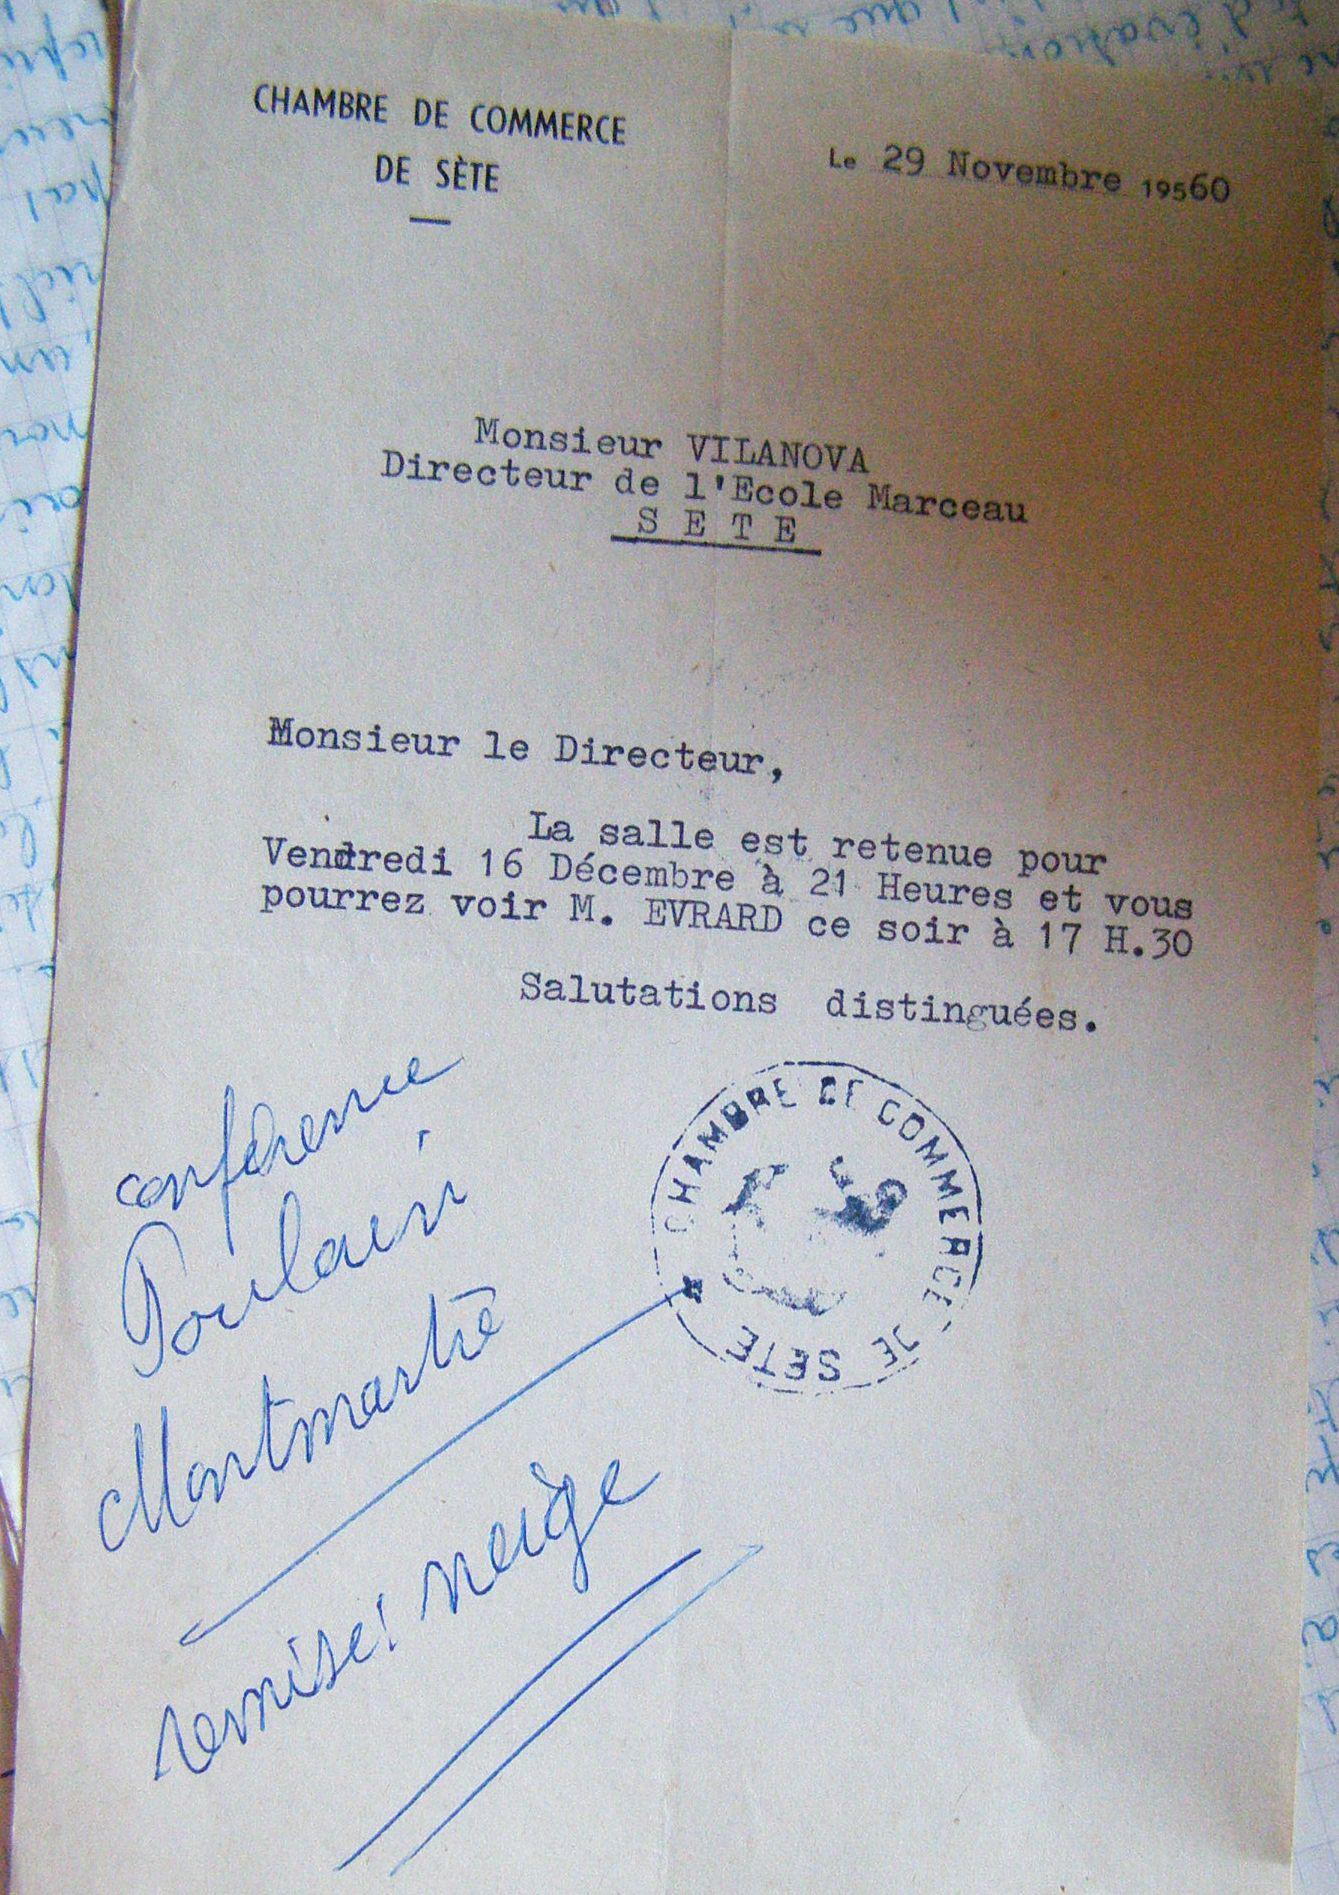 1960 sete   .0..jpg